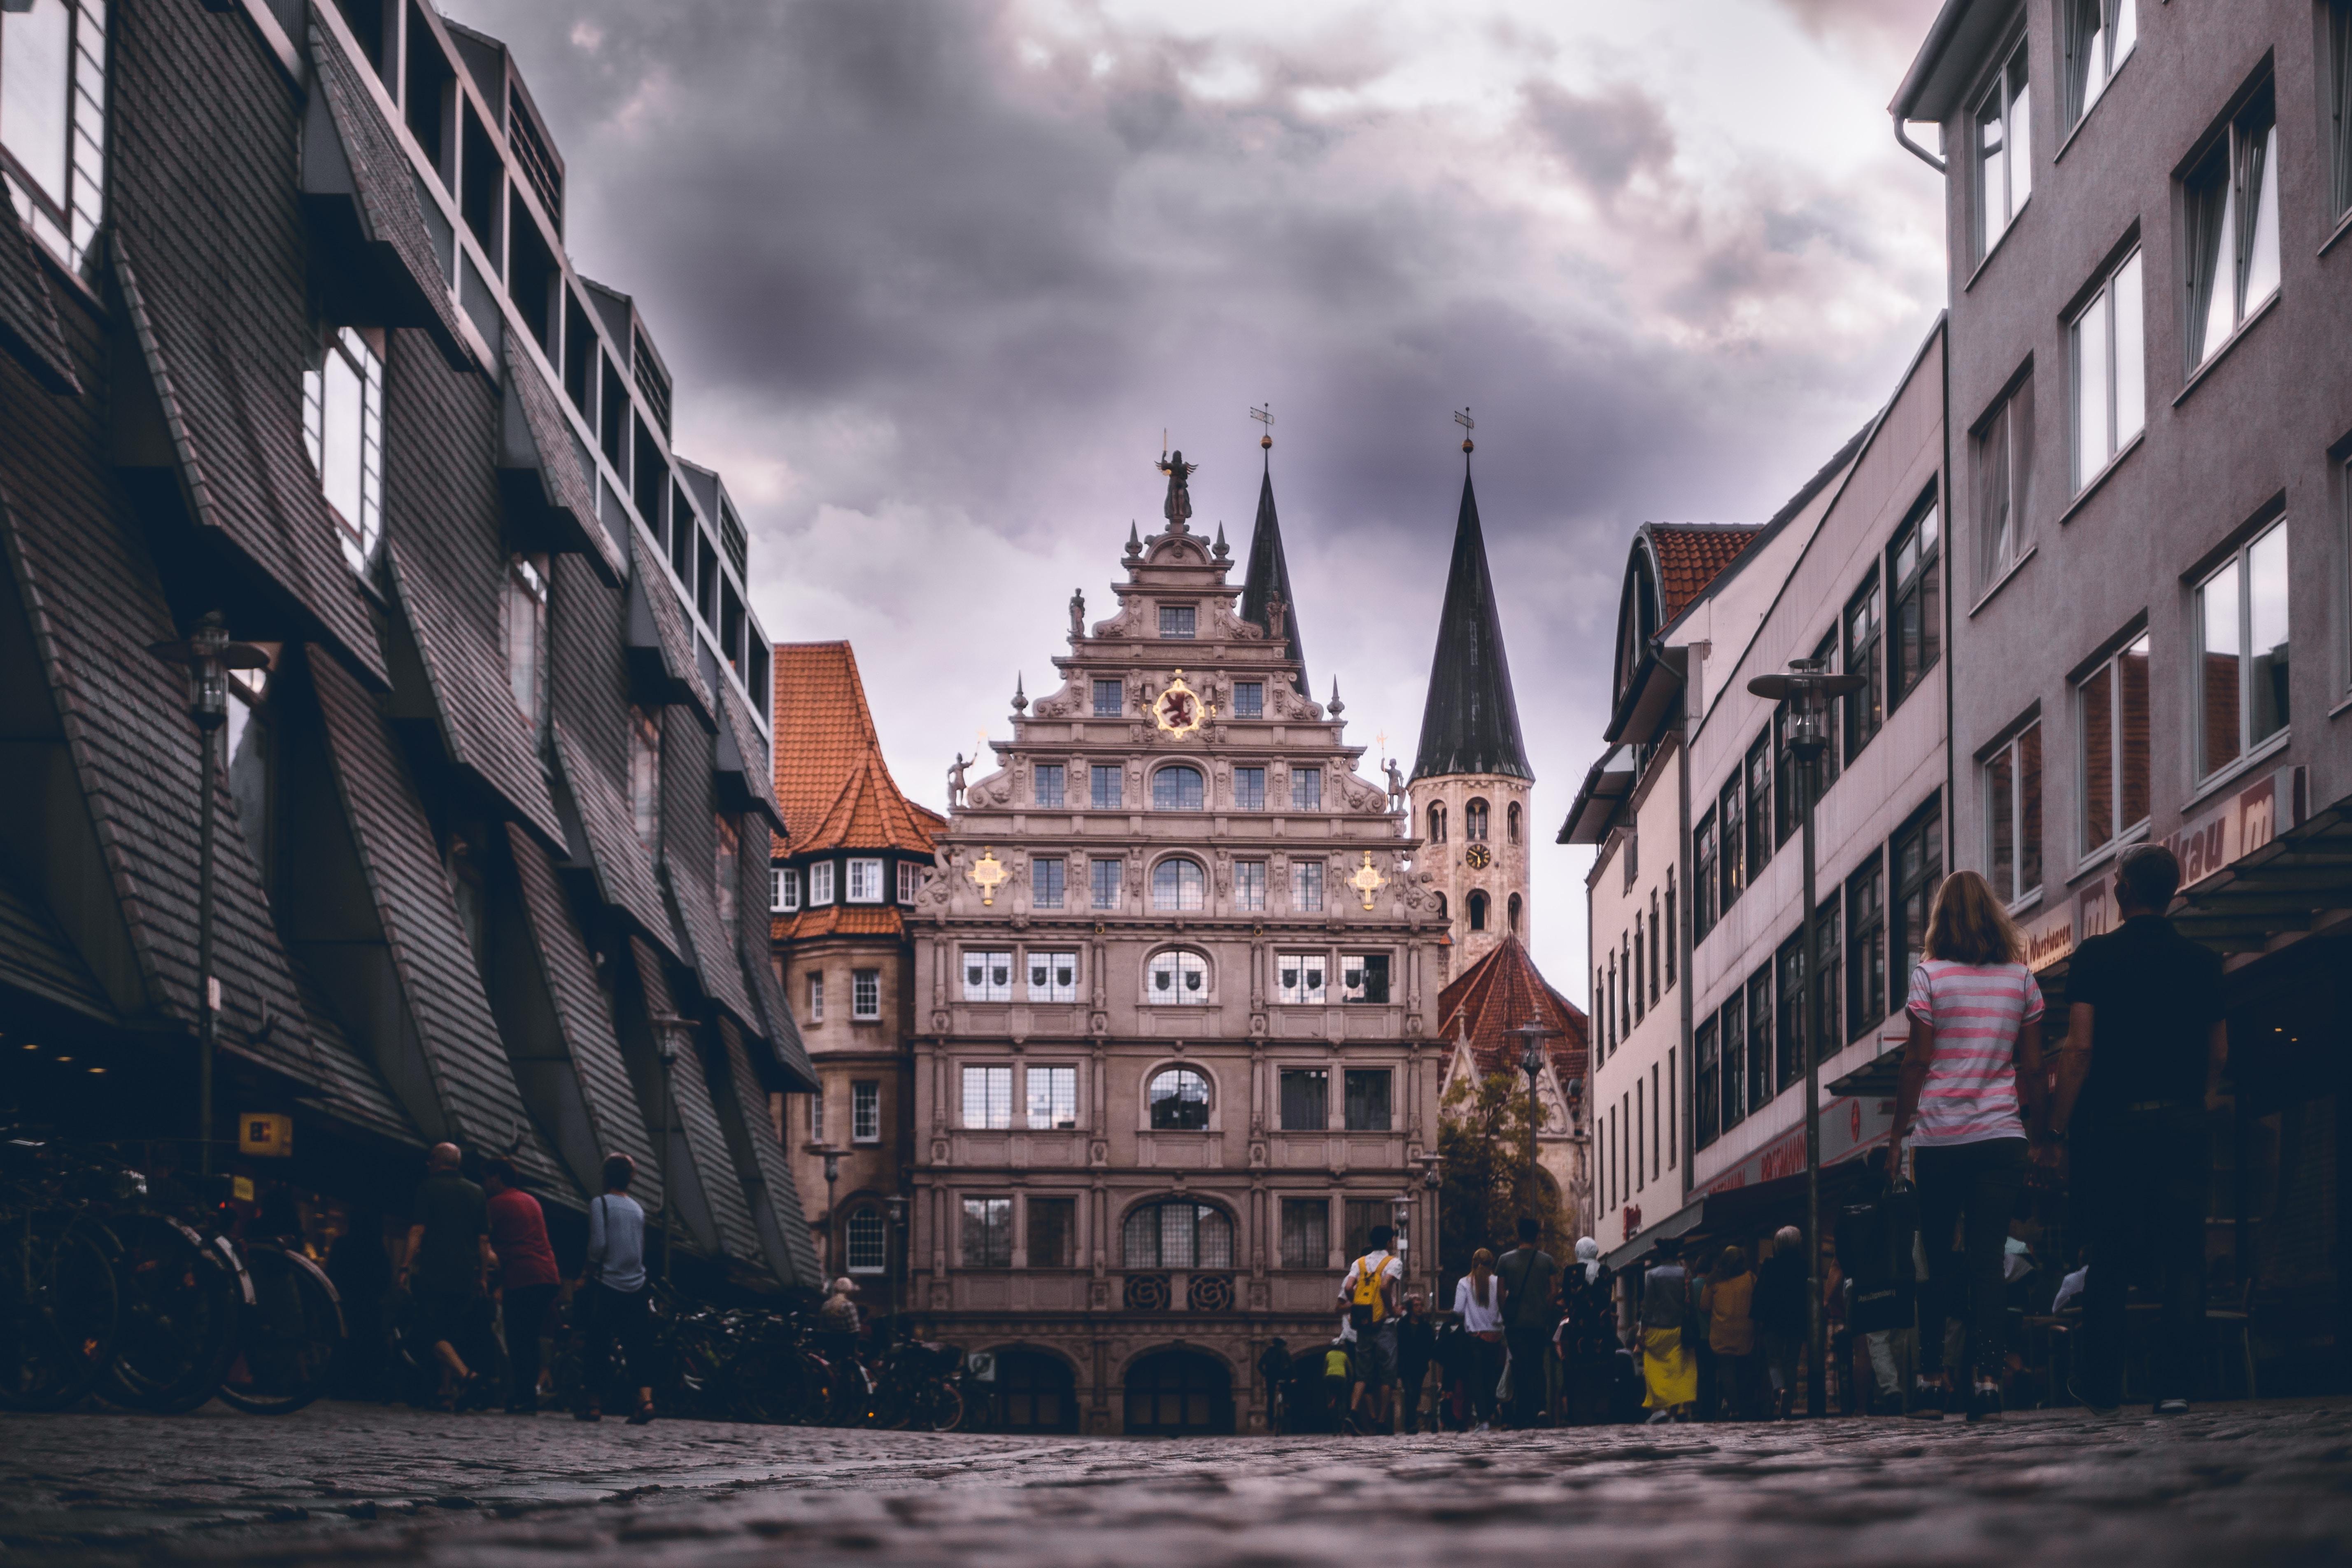 Liste der größten Bauunternehmen in Braunschweig